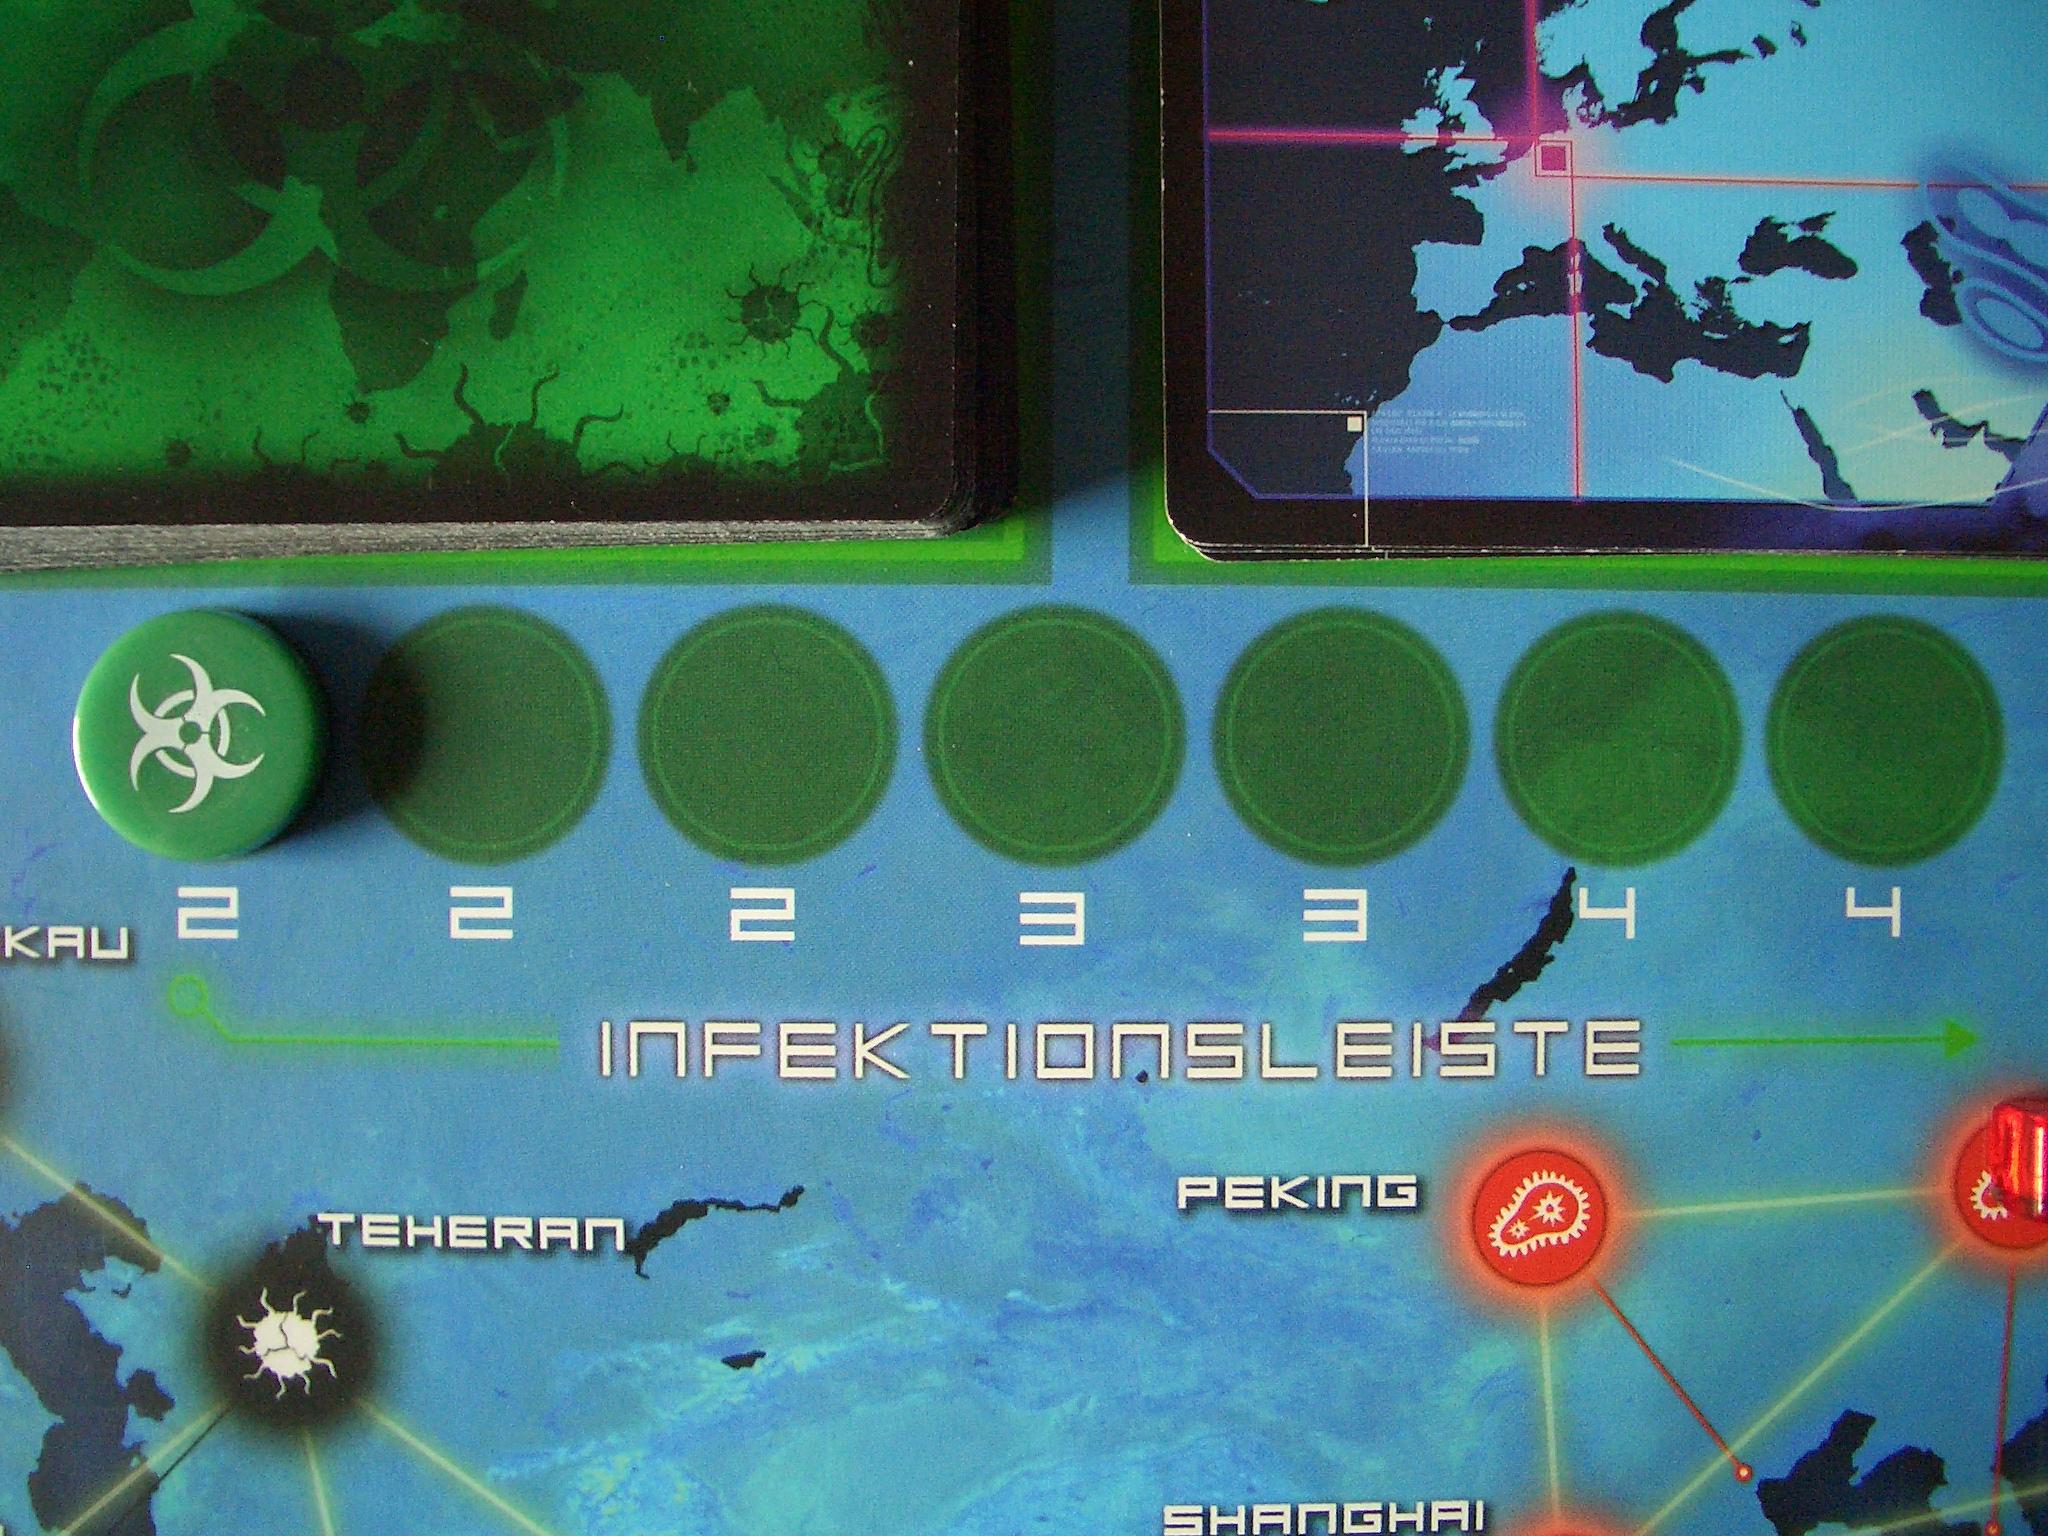 Pandemie Infektionsleiste